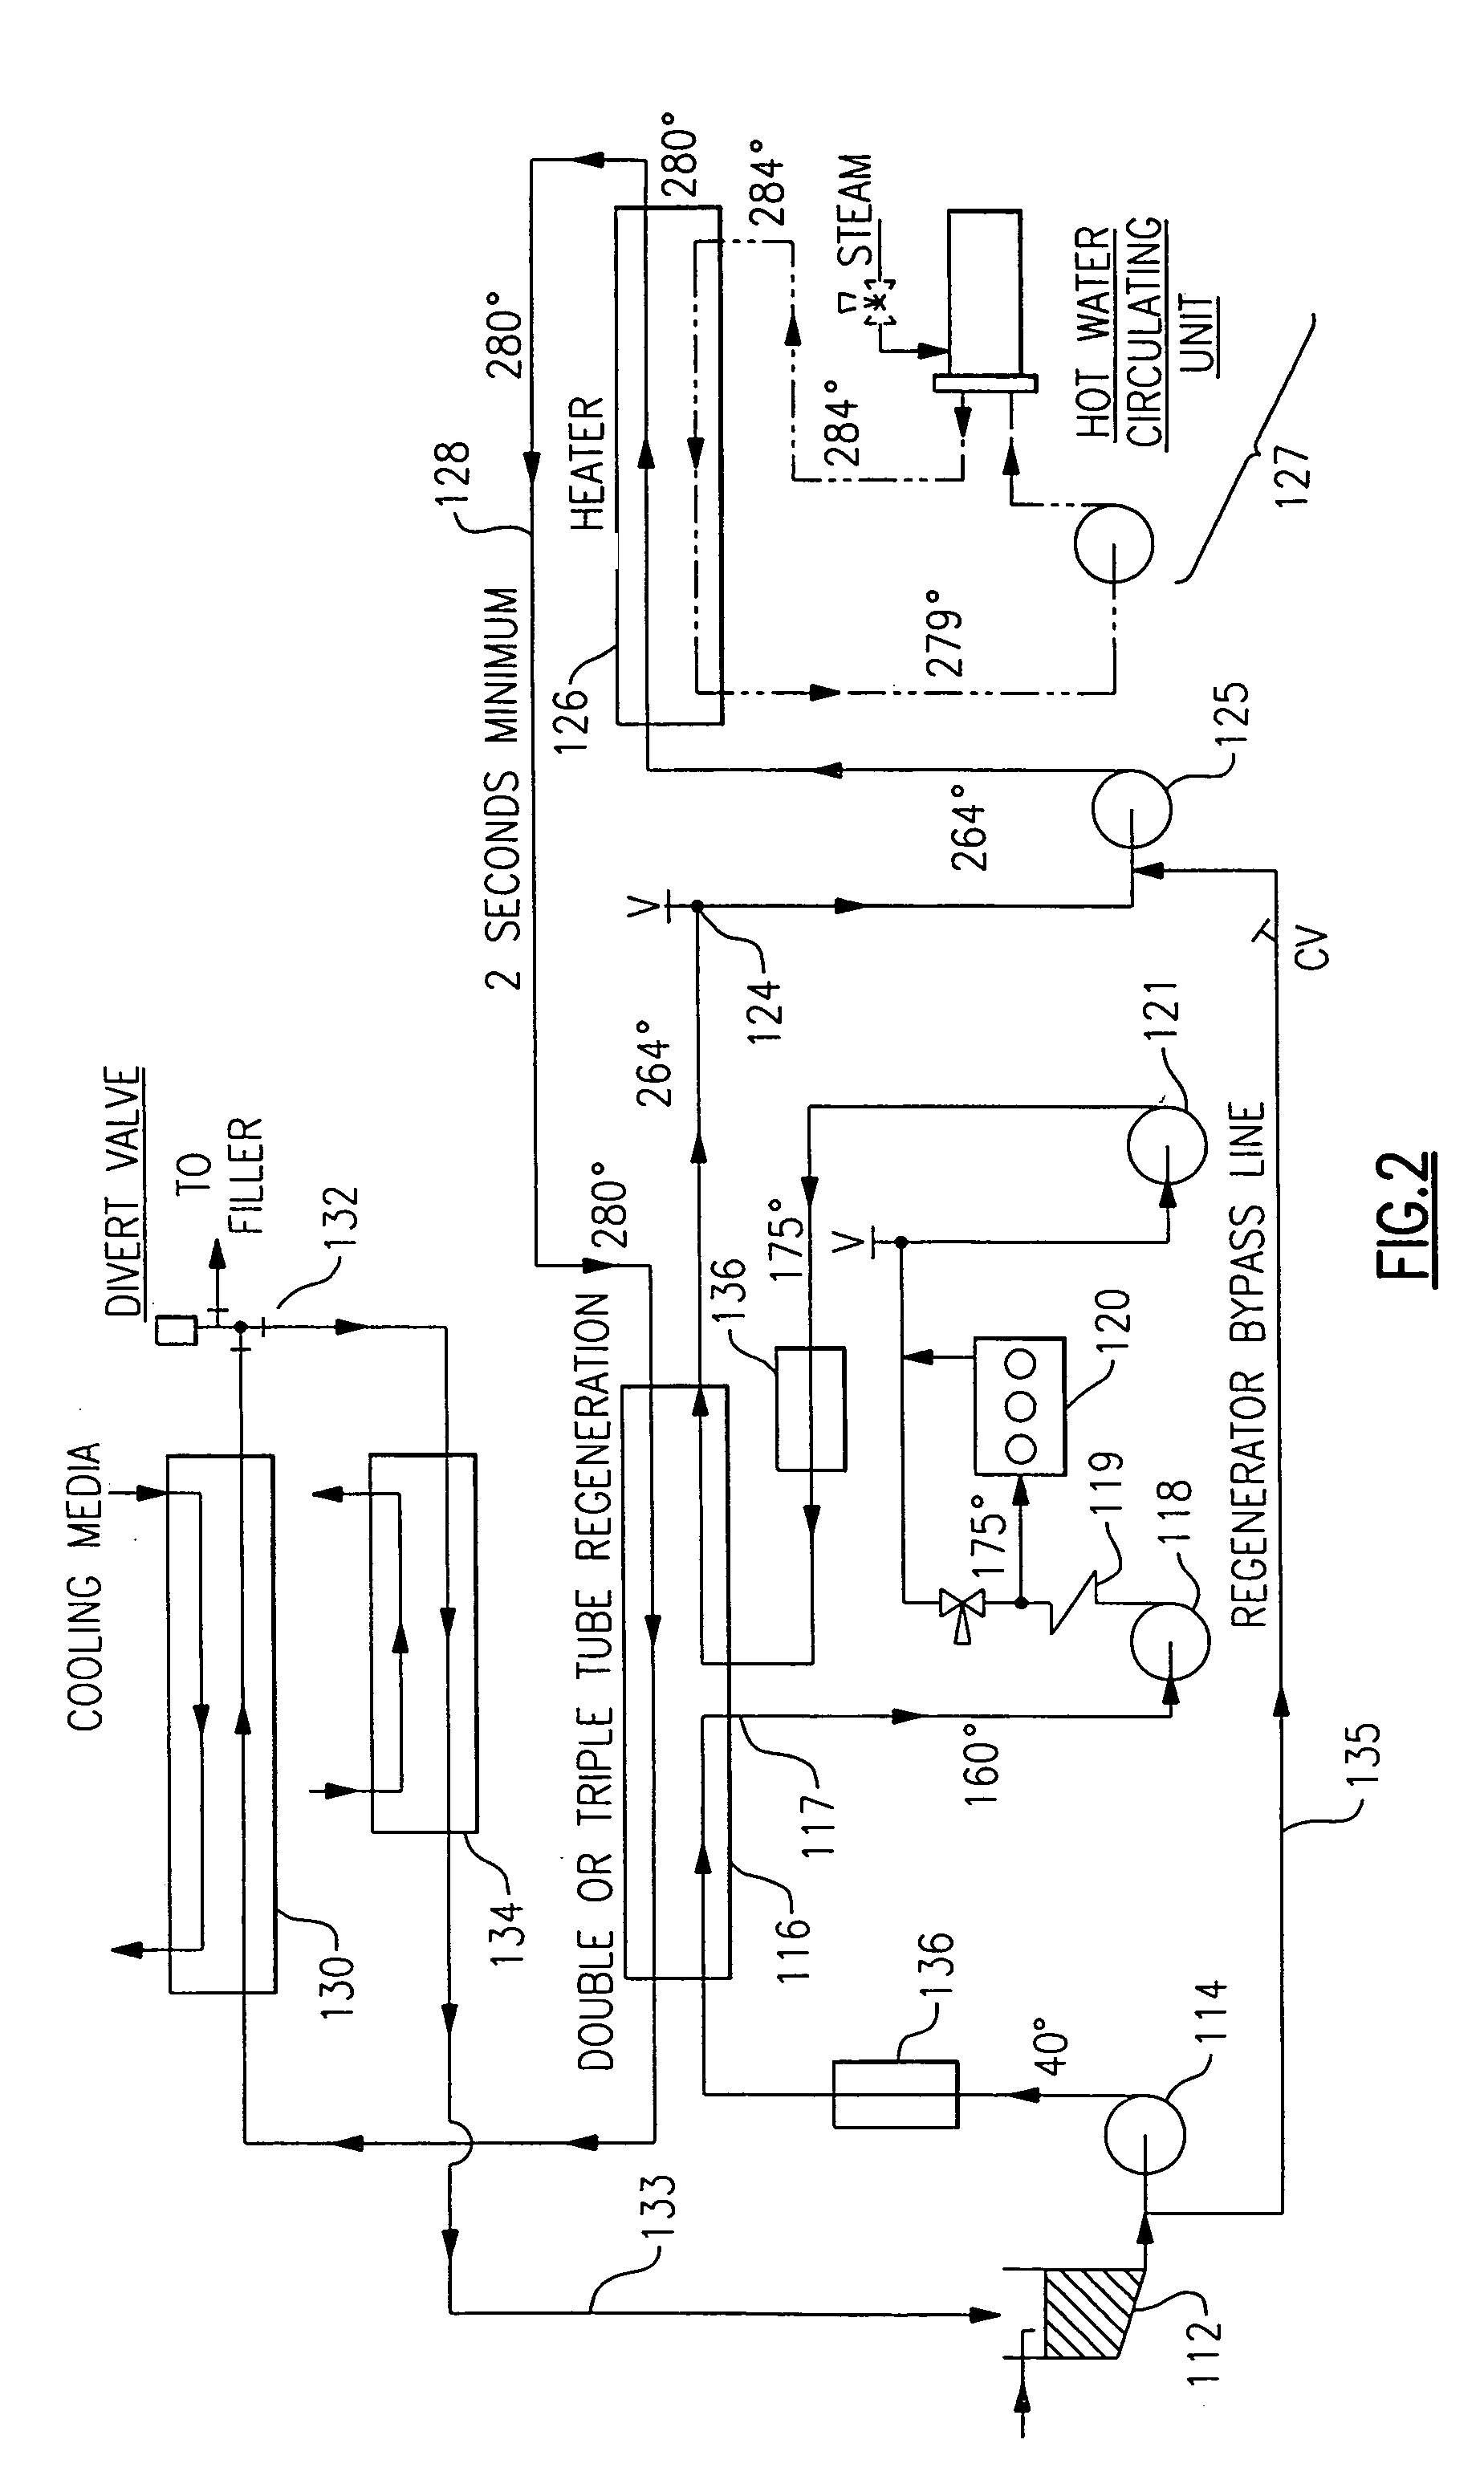 patent us7186430